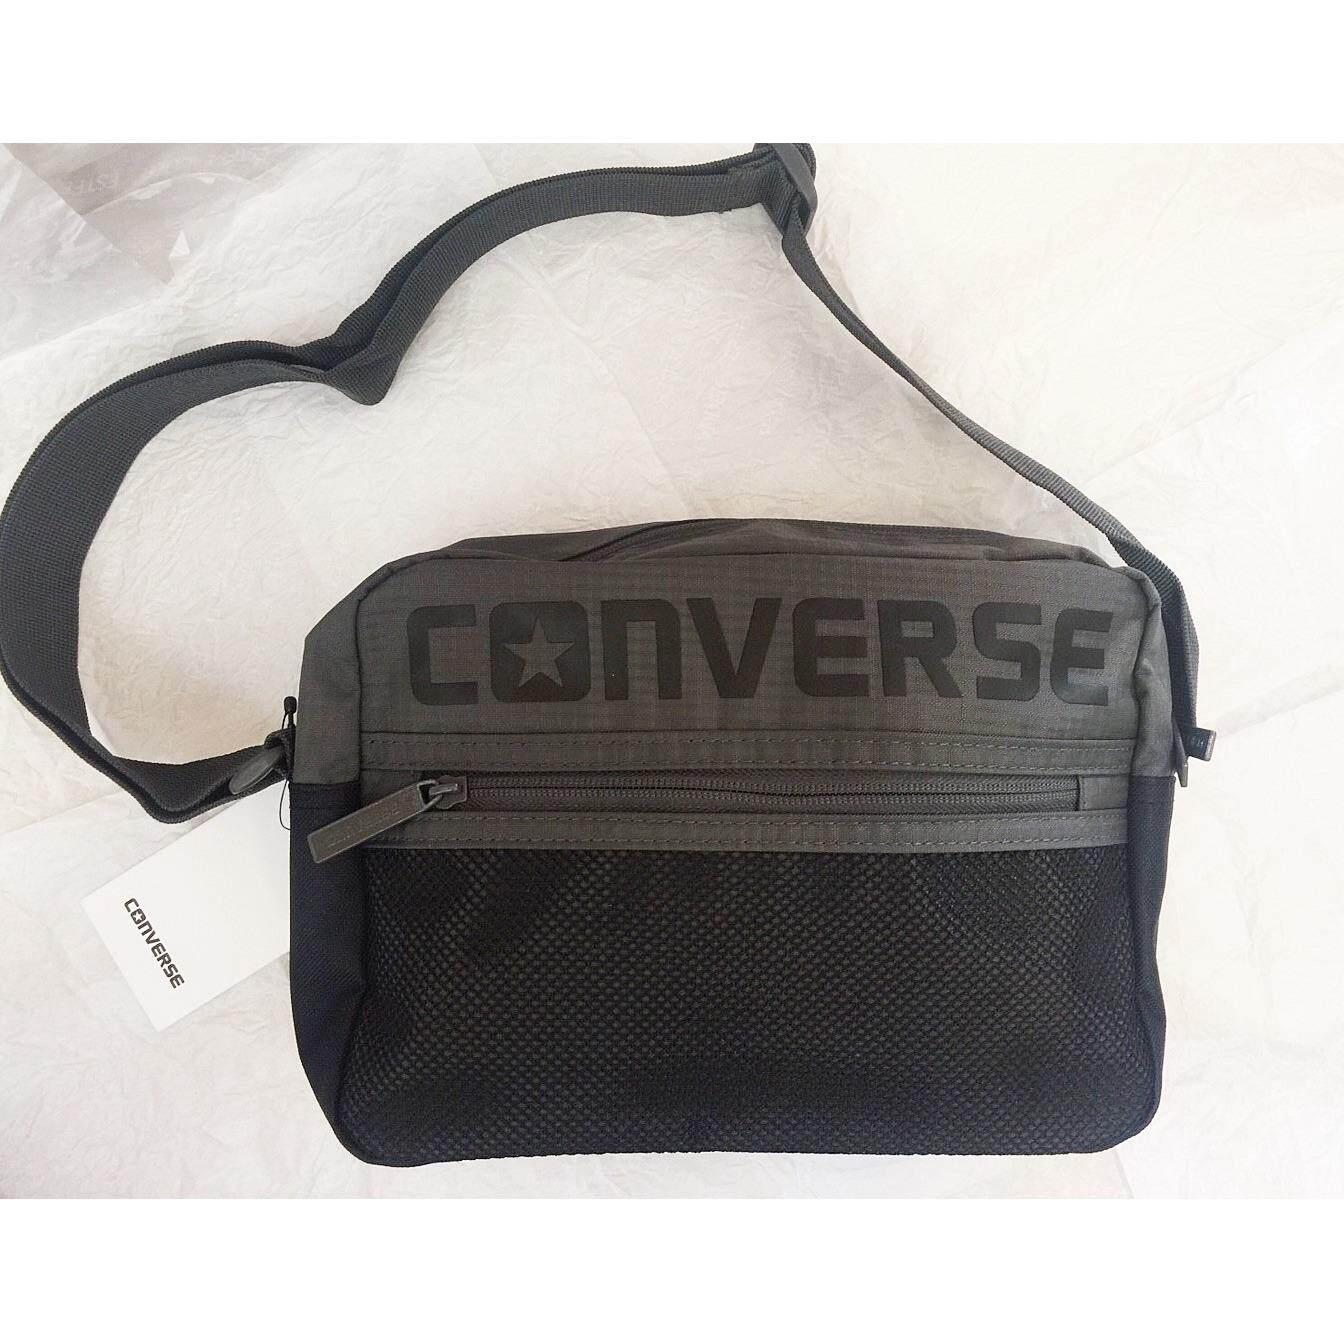 ซื้อ Converse Durability Mini Bag Grey 126001355Gy กรุงเทพมหานคร